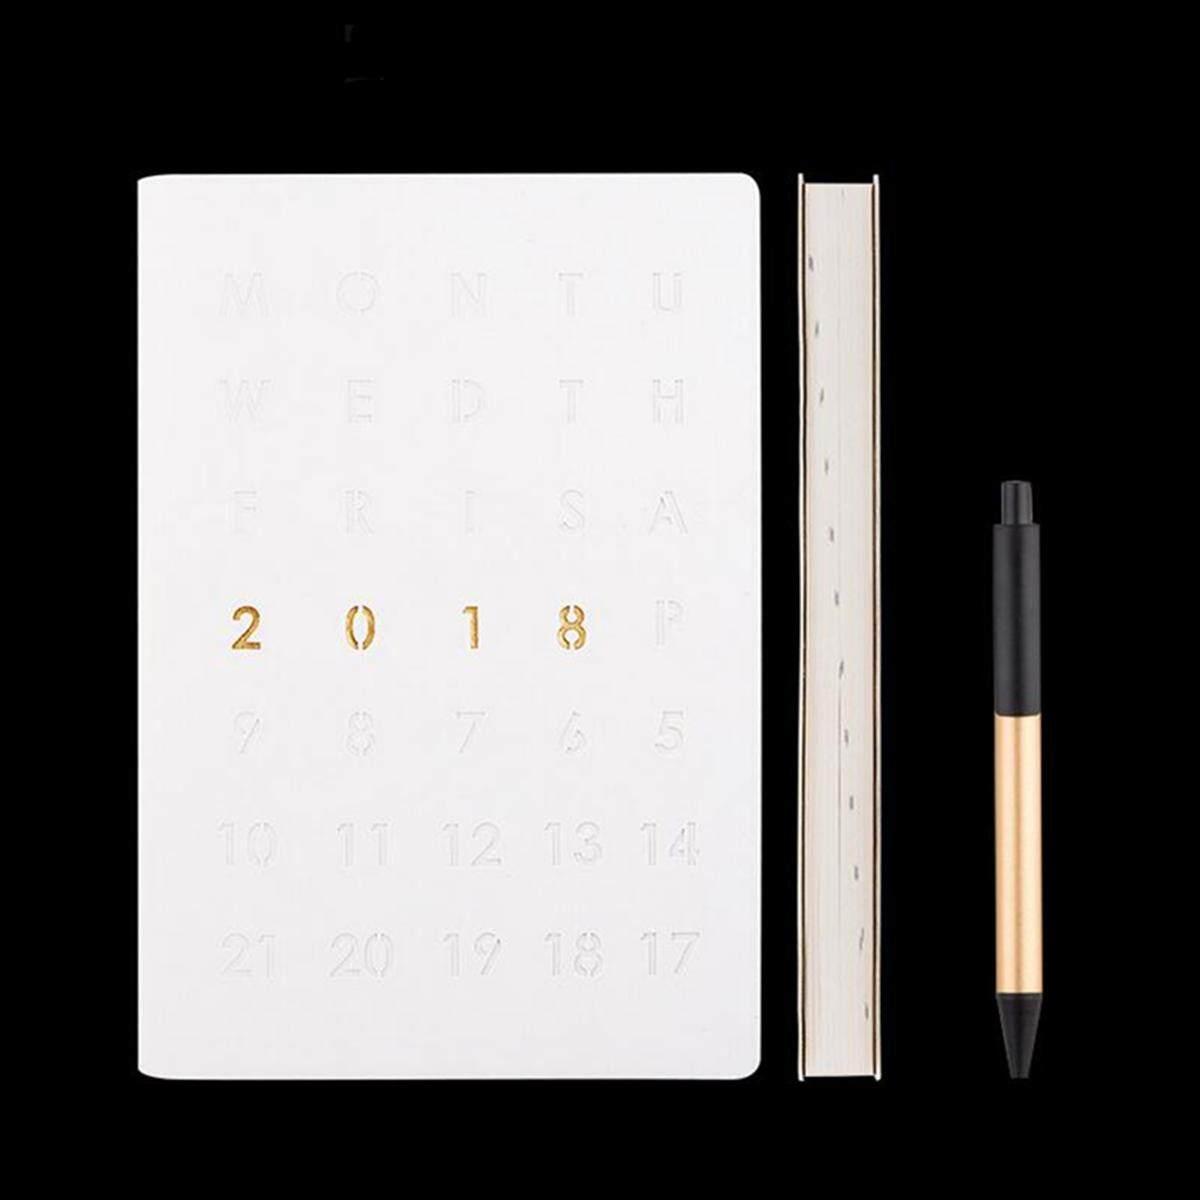 2018 สัปดาห์ดูหรือวันหน้าไดอารี่ & Planner ใน Slimline, Quarto, A5 หรือ A4  White - Intl.